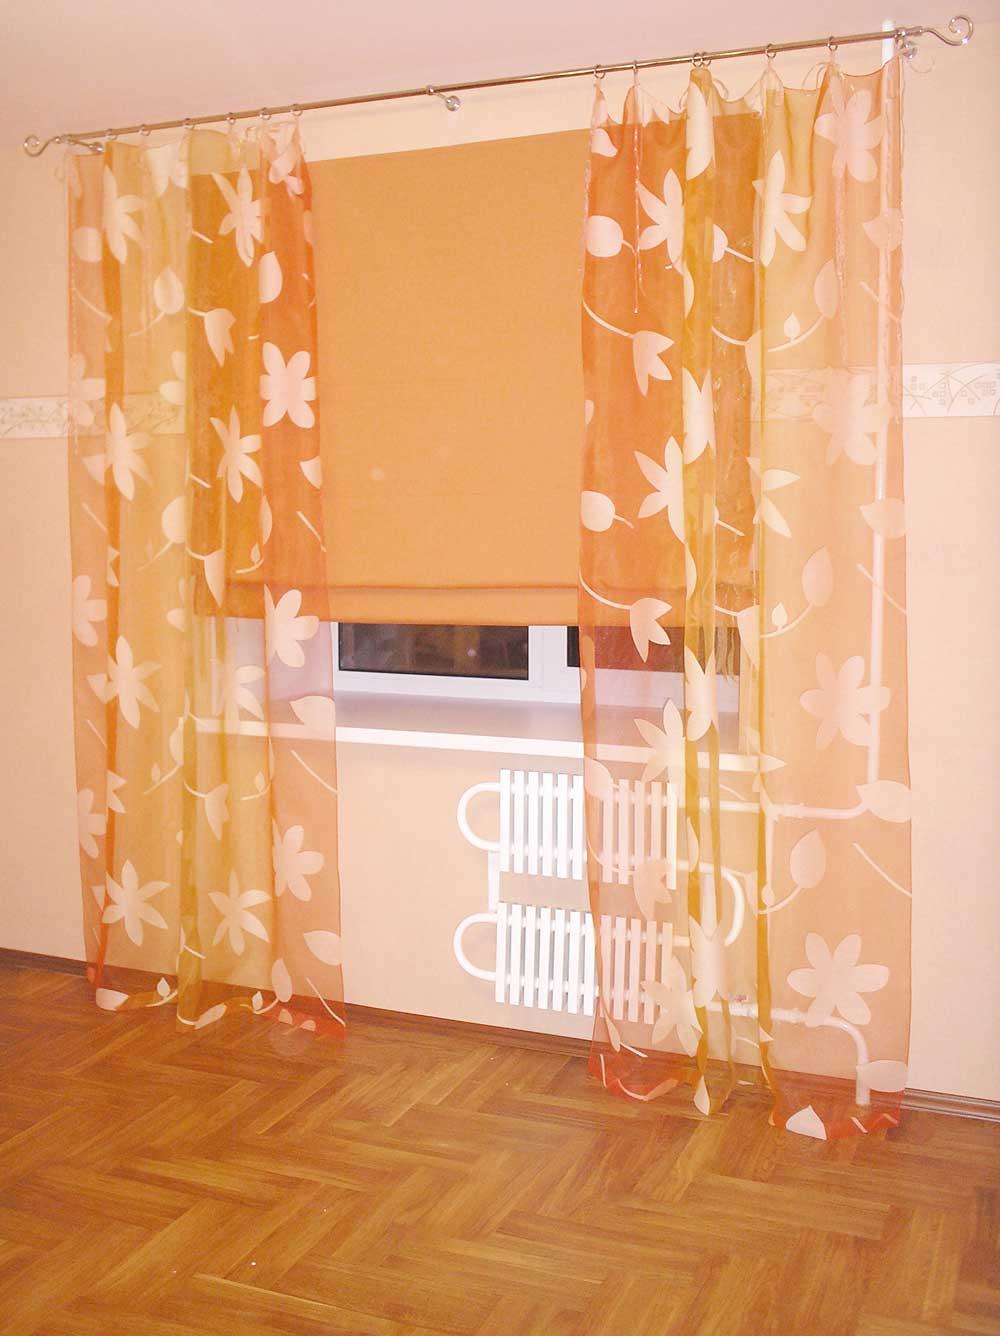 Оранжевая рулонная штора и огненная органза с цветами